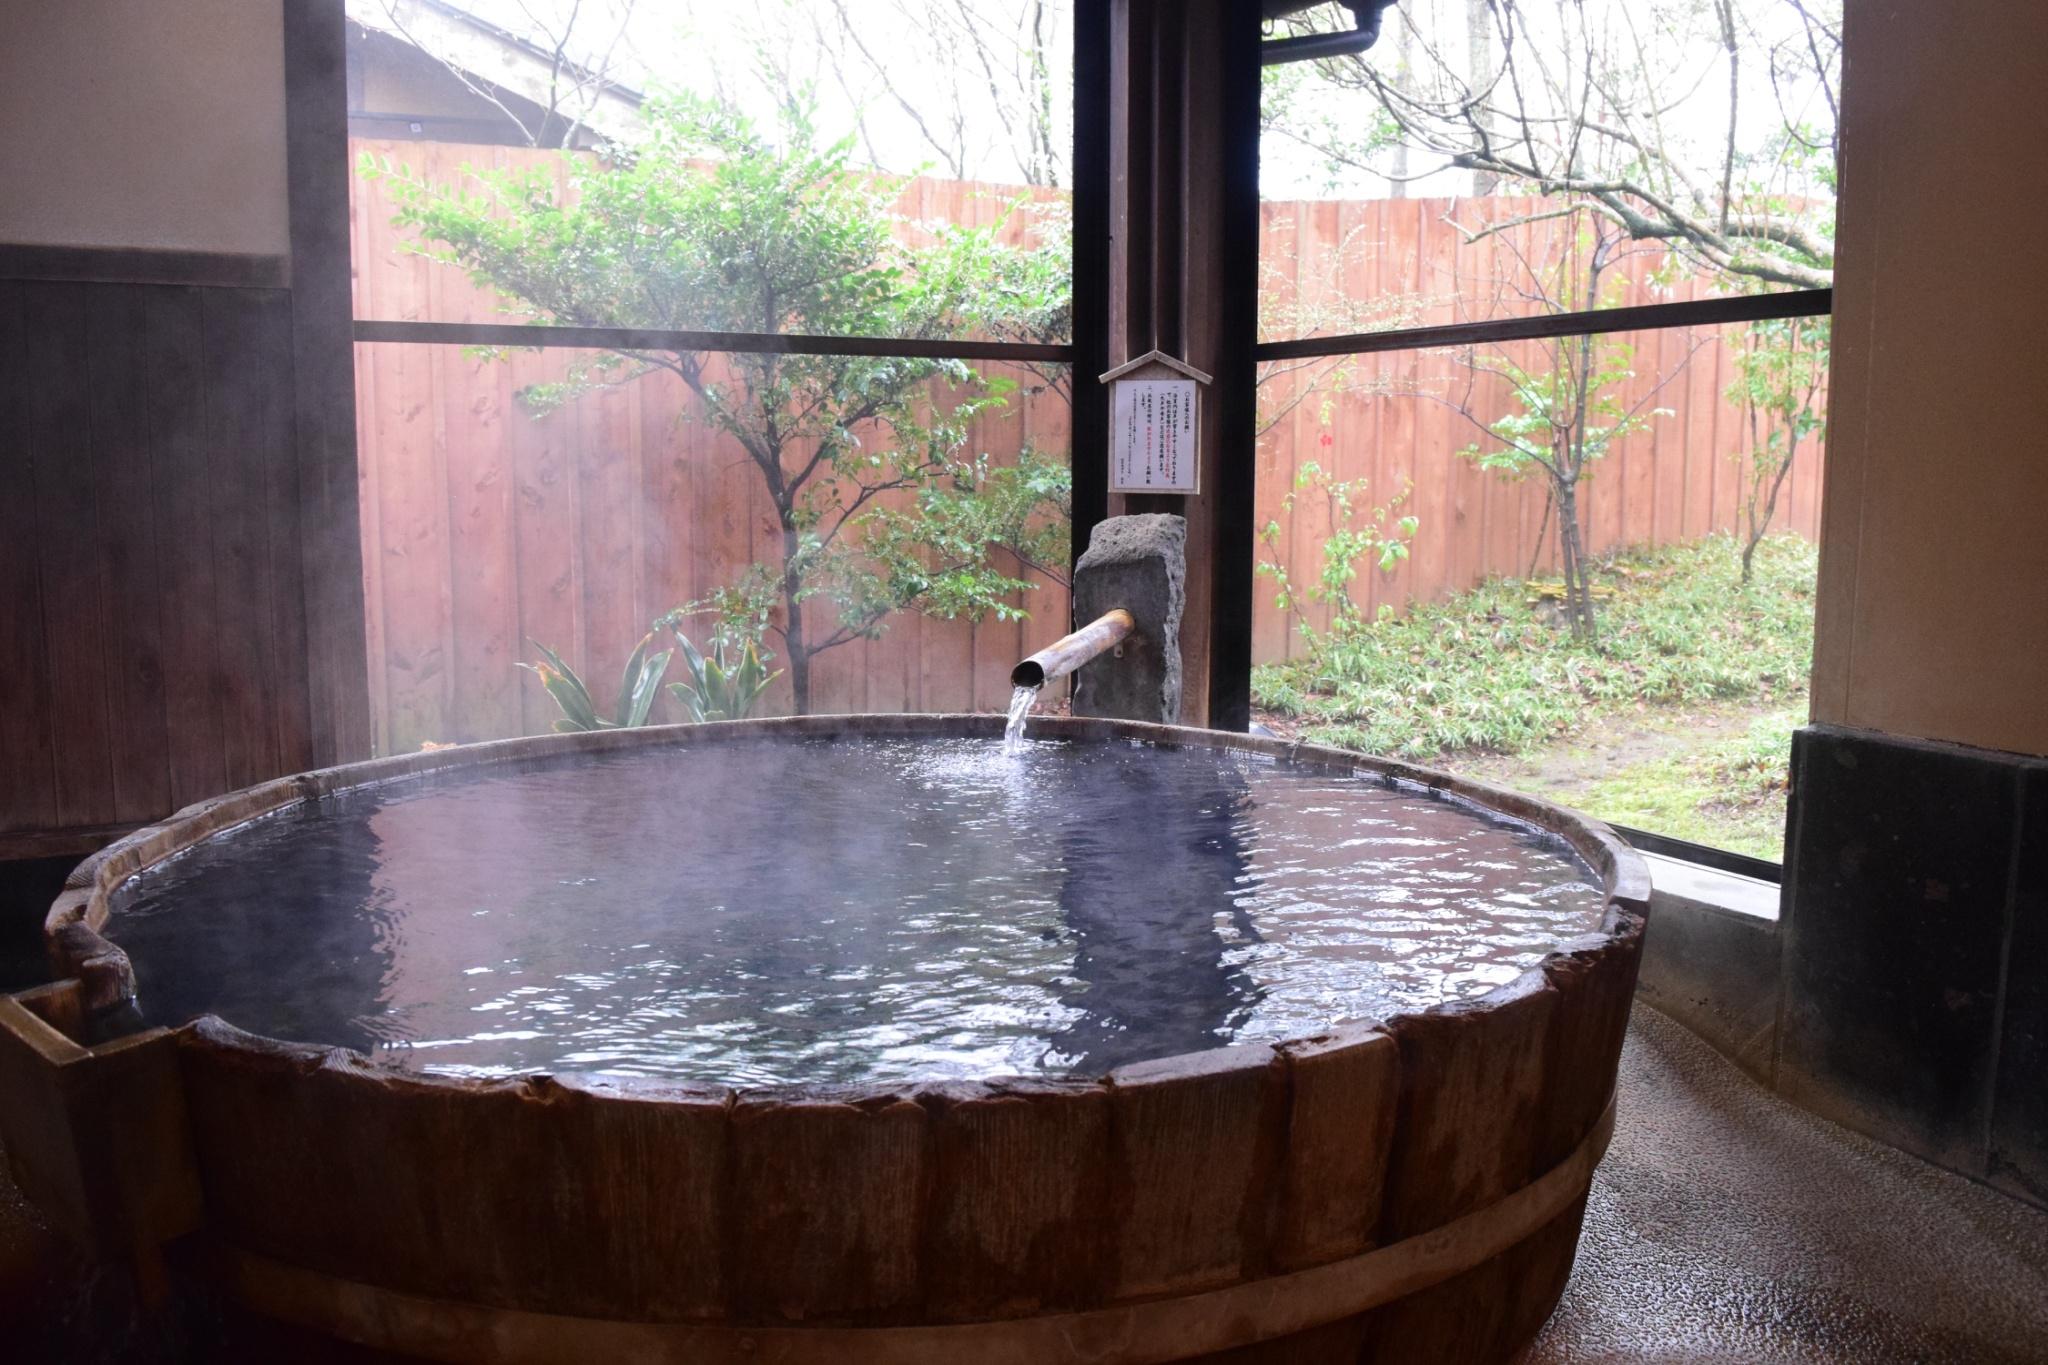 [家族湯はなみずき]完全貸切の家族湯で癒されたい方必見☆温泉上がりの自家製サイダーがたまらないっ!